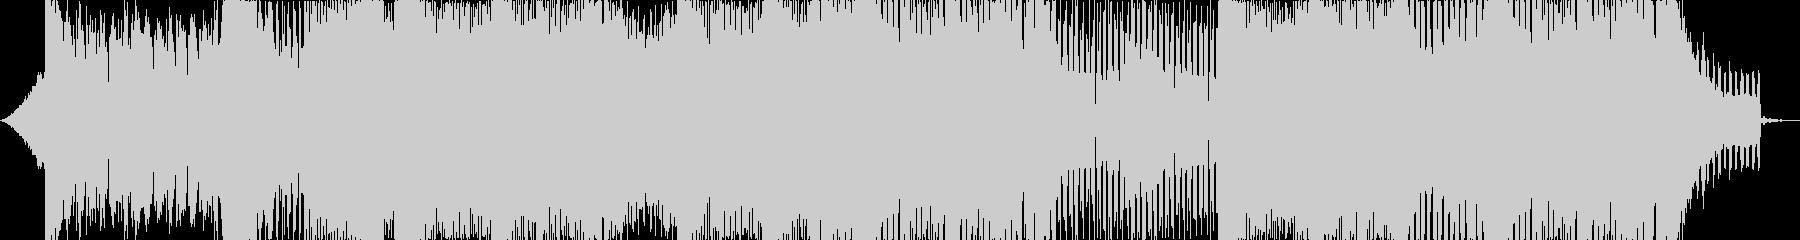 跳ねるような軽快なEDMの未再生の波形